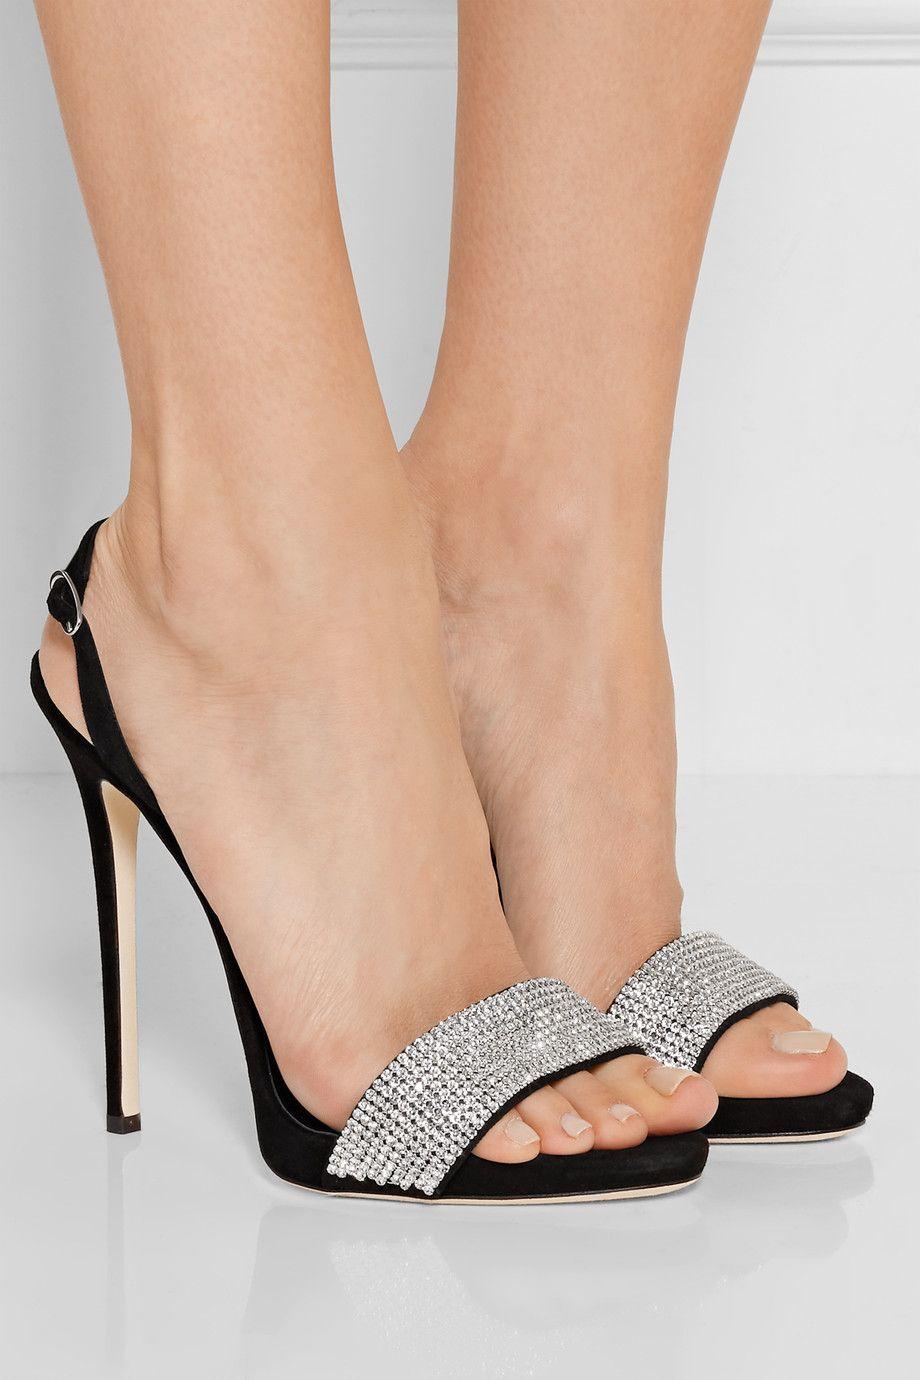 Sandales Post Orteil Les Chaussures - Lilas 2qZ4t